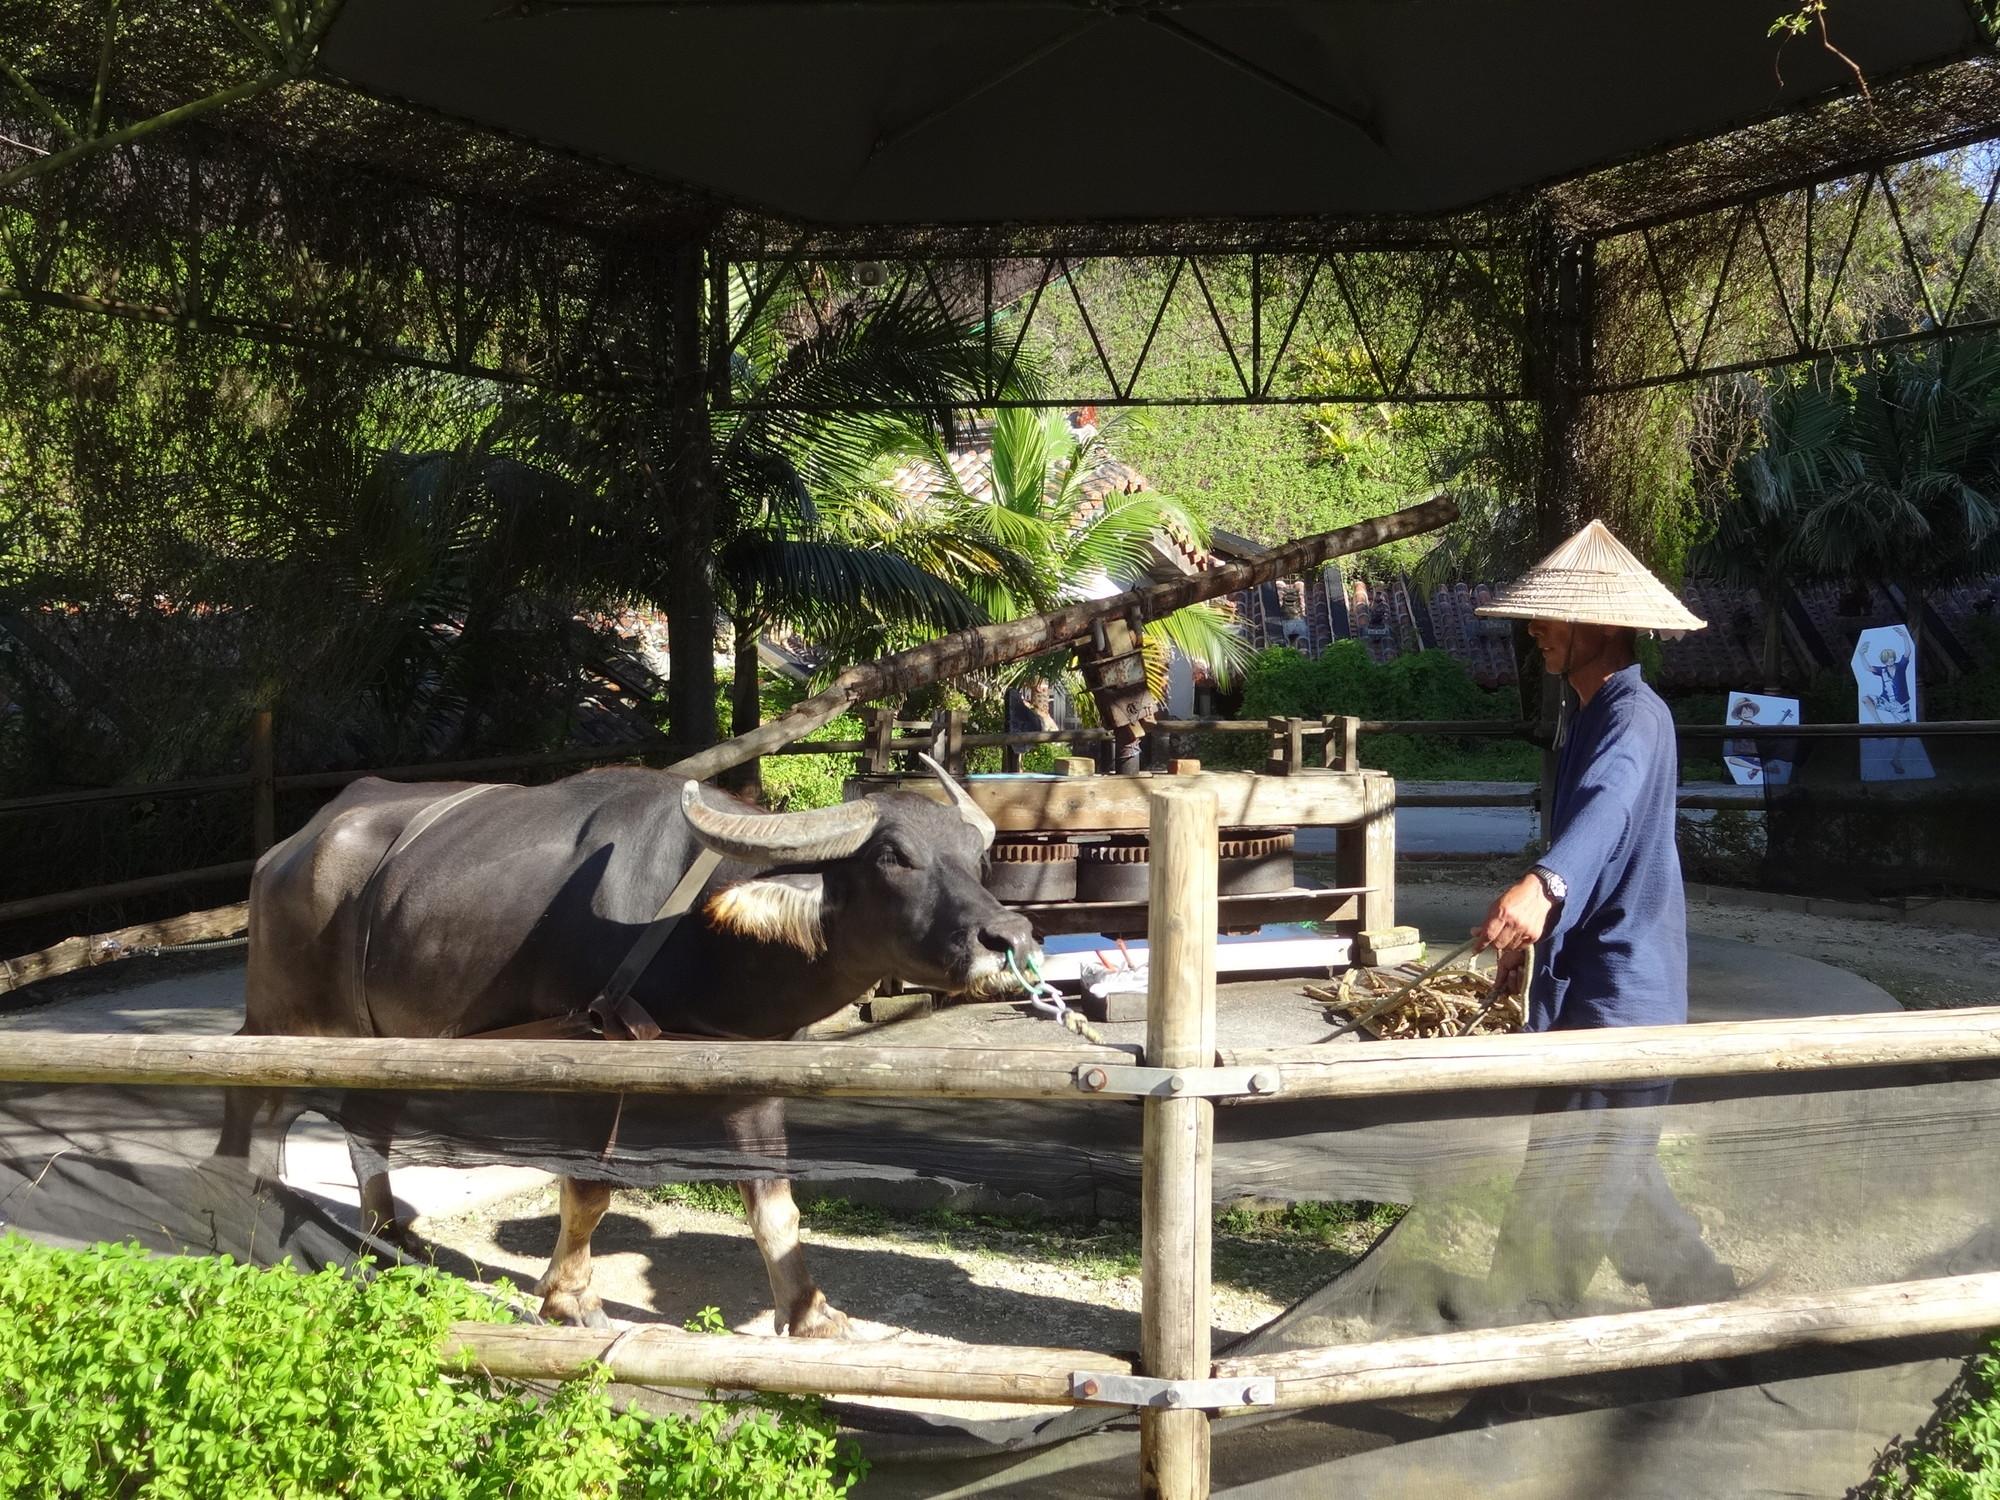 昔の製糖機を引く水牛